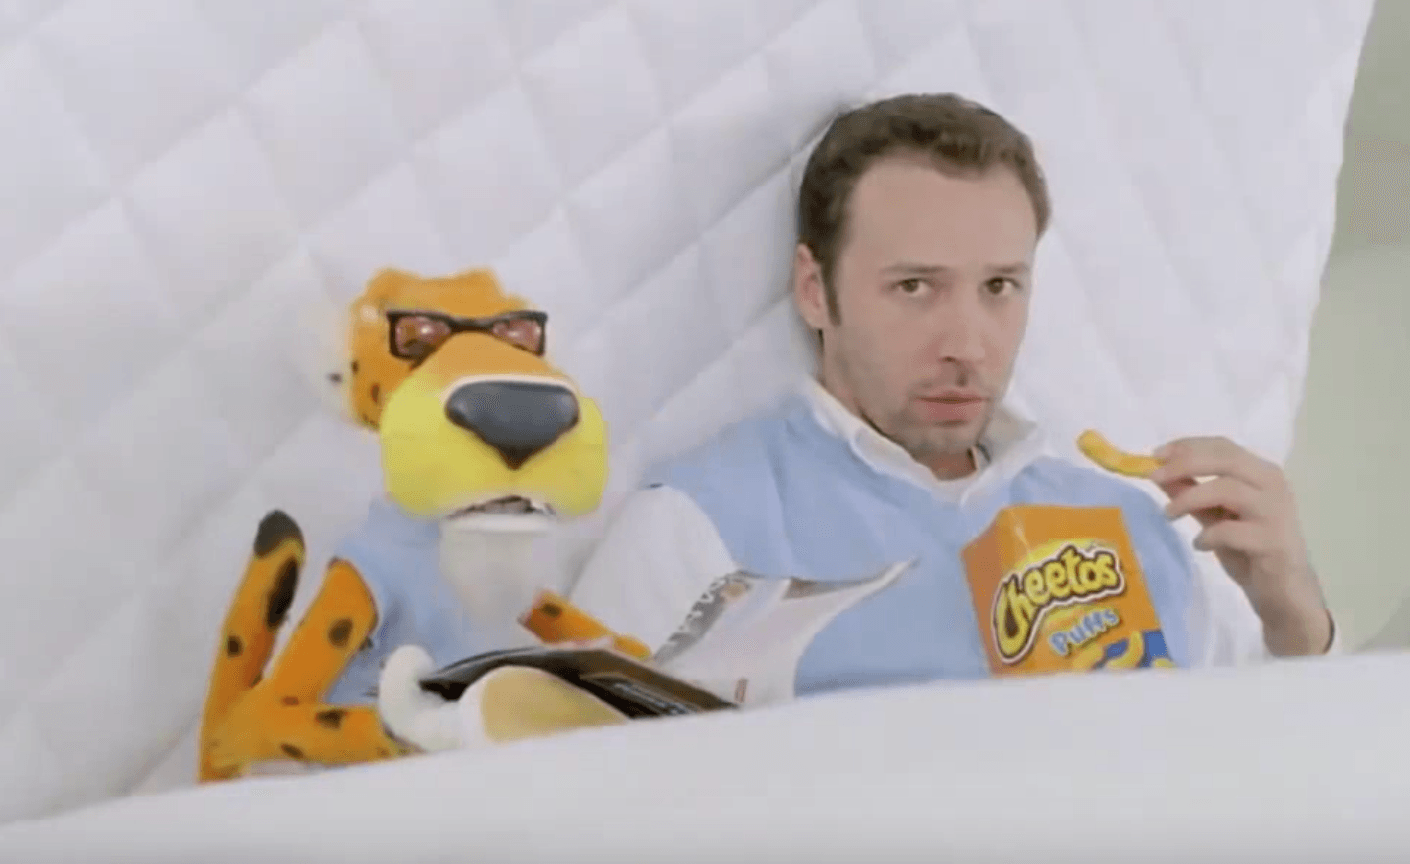 Chester the cheetah cheetos